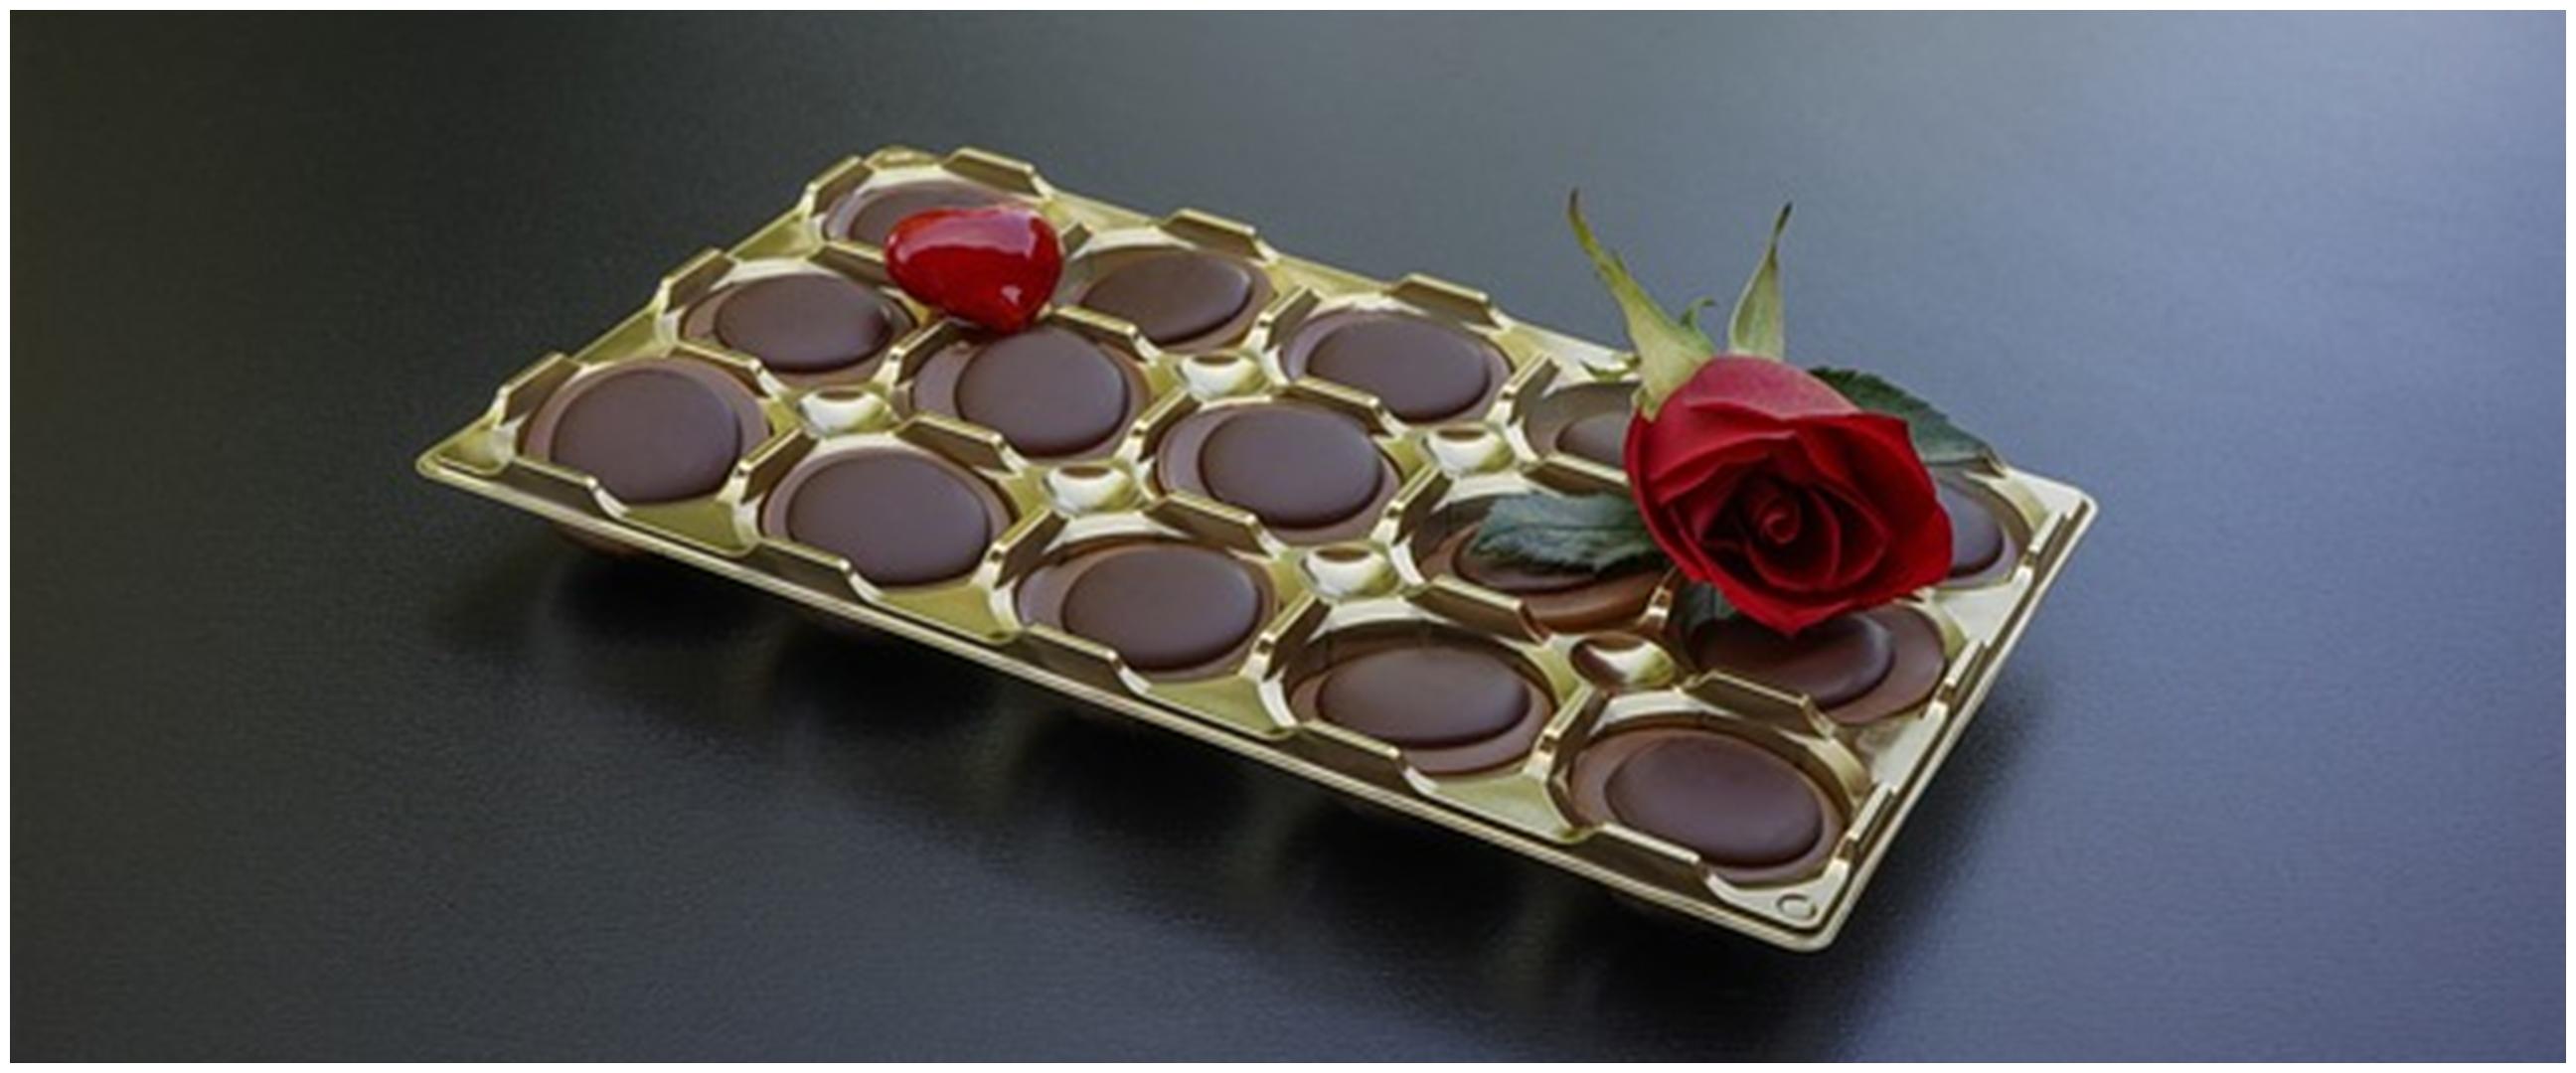 5 Cokelat termahal di dunia ini berlapis emas, ada yang Rp 362 juta